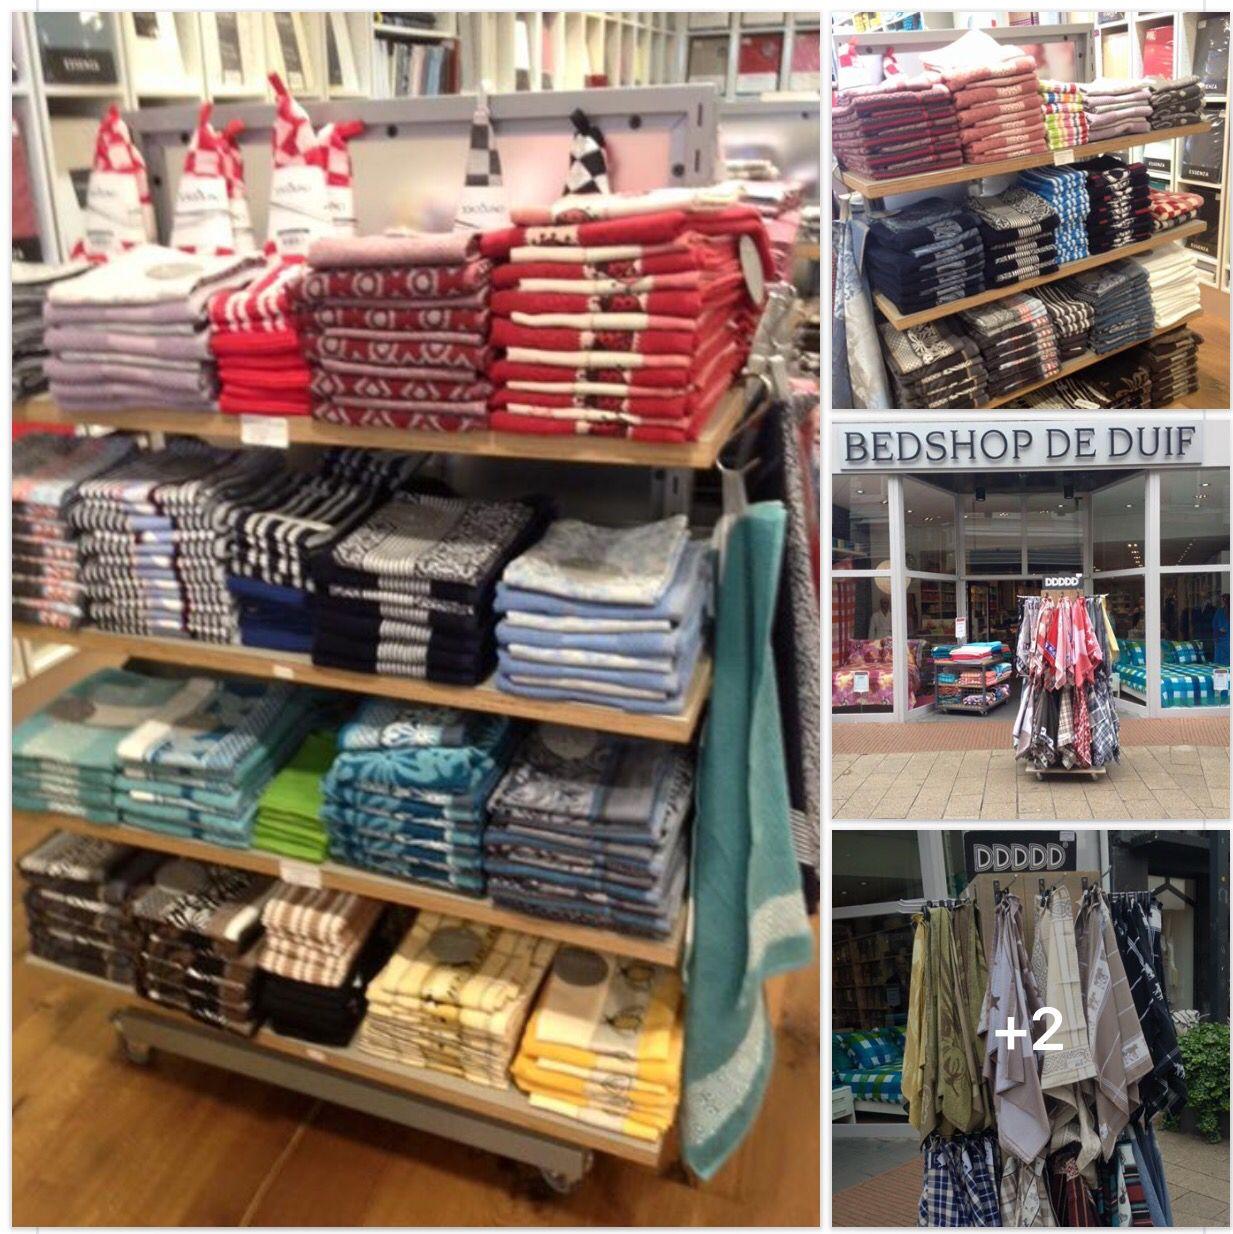 #DeBedshop DeDuif Nieuwe collectie #handdoeken #theedoeken van o.a. de merken #Elias #DDDDD #DeWitteLietaer #Haverstraatpassage #Enschede.